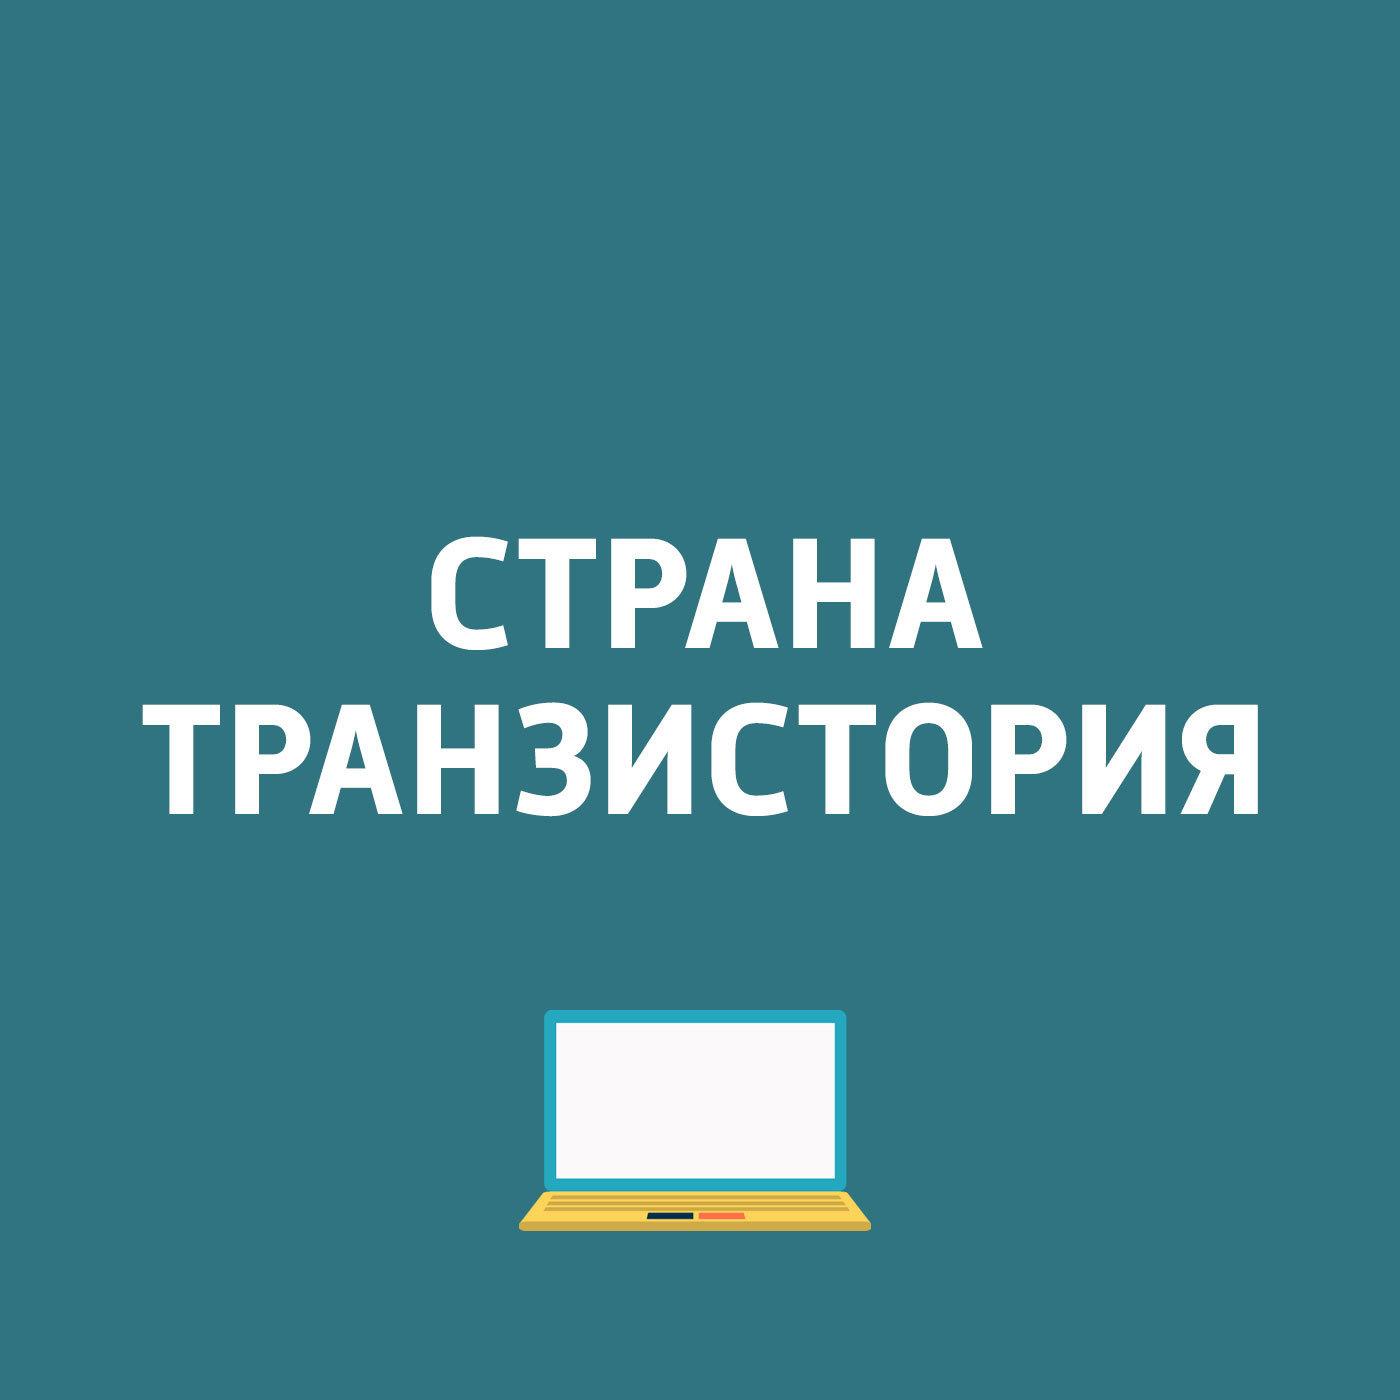 Картаев Павел Honor V8, Motorola представит новые смартфоны; «Яндекс научился ходить; Приложения WhatsApp для ПК; Periscope анонсировал новых функции